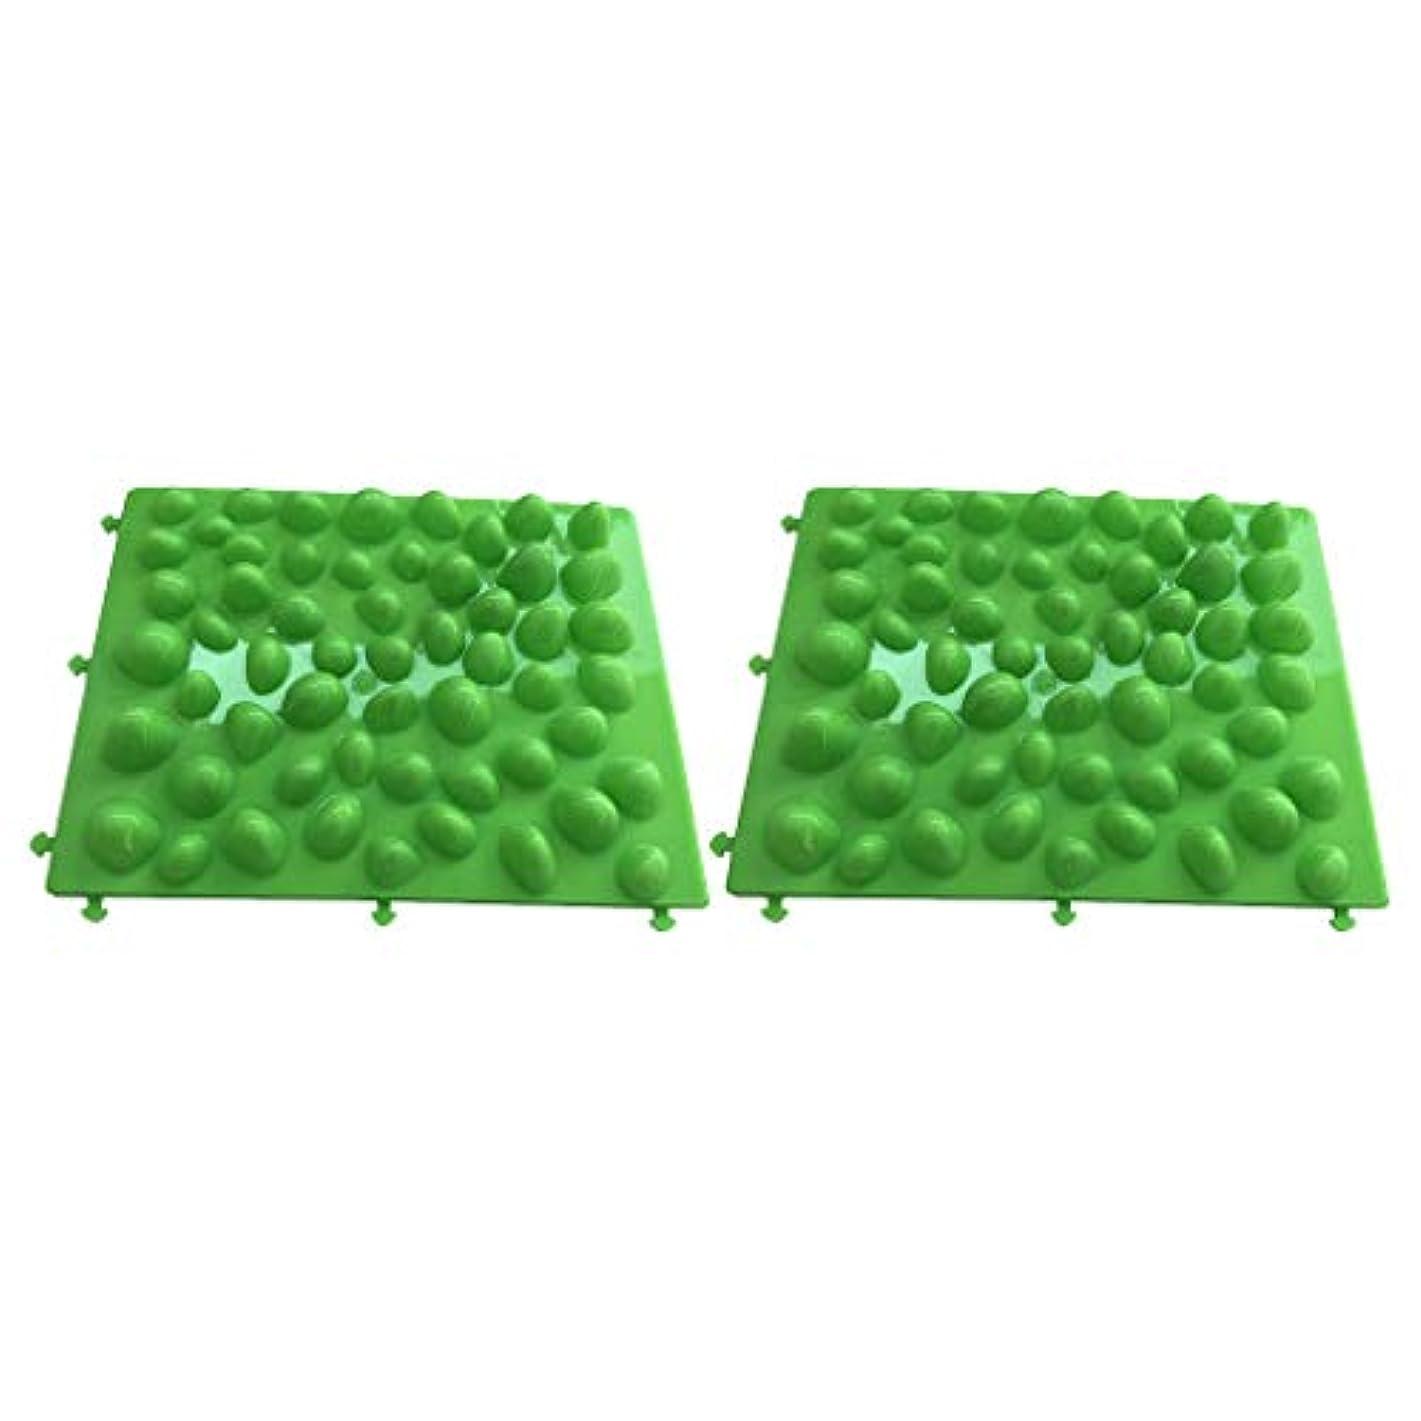 小さい壁粘土フットマッサージ 足のマッサージパッド フットマット プラスチック製石 血行促進 フットケア 2個入